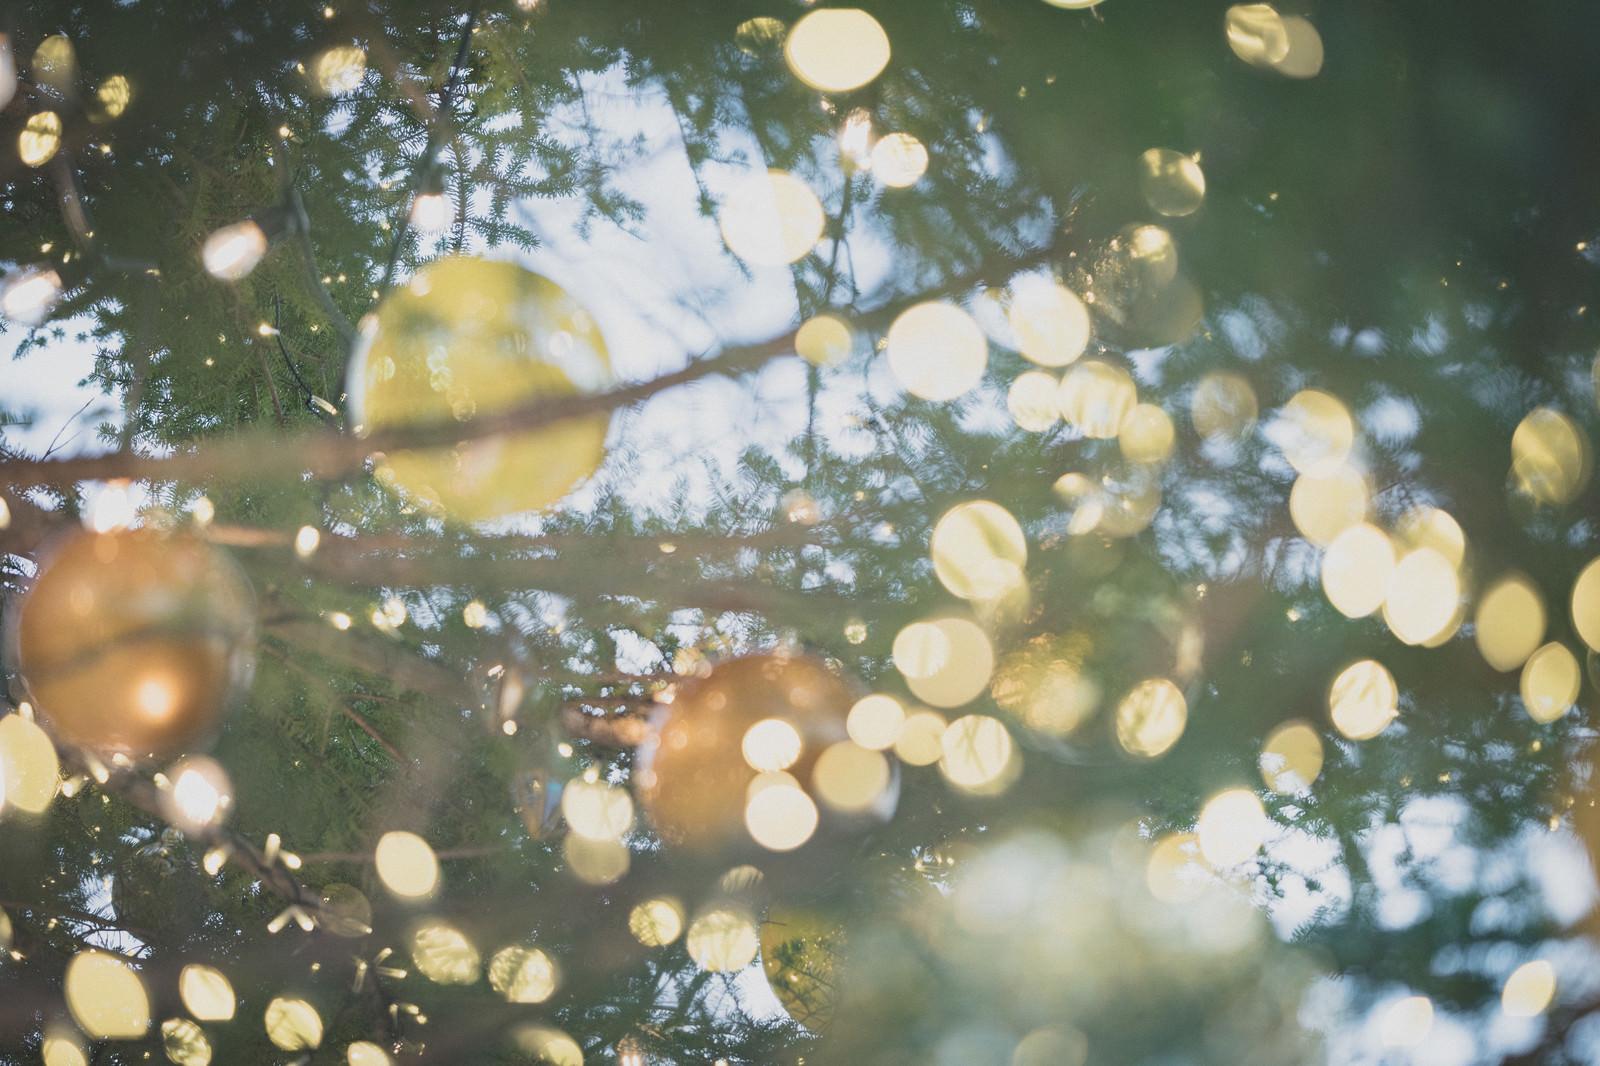 「樹木とイルミネーション」の写真